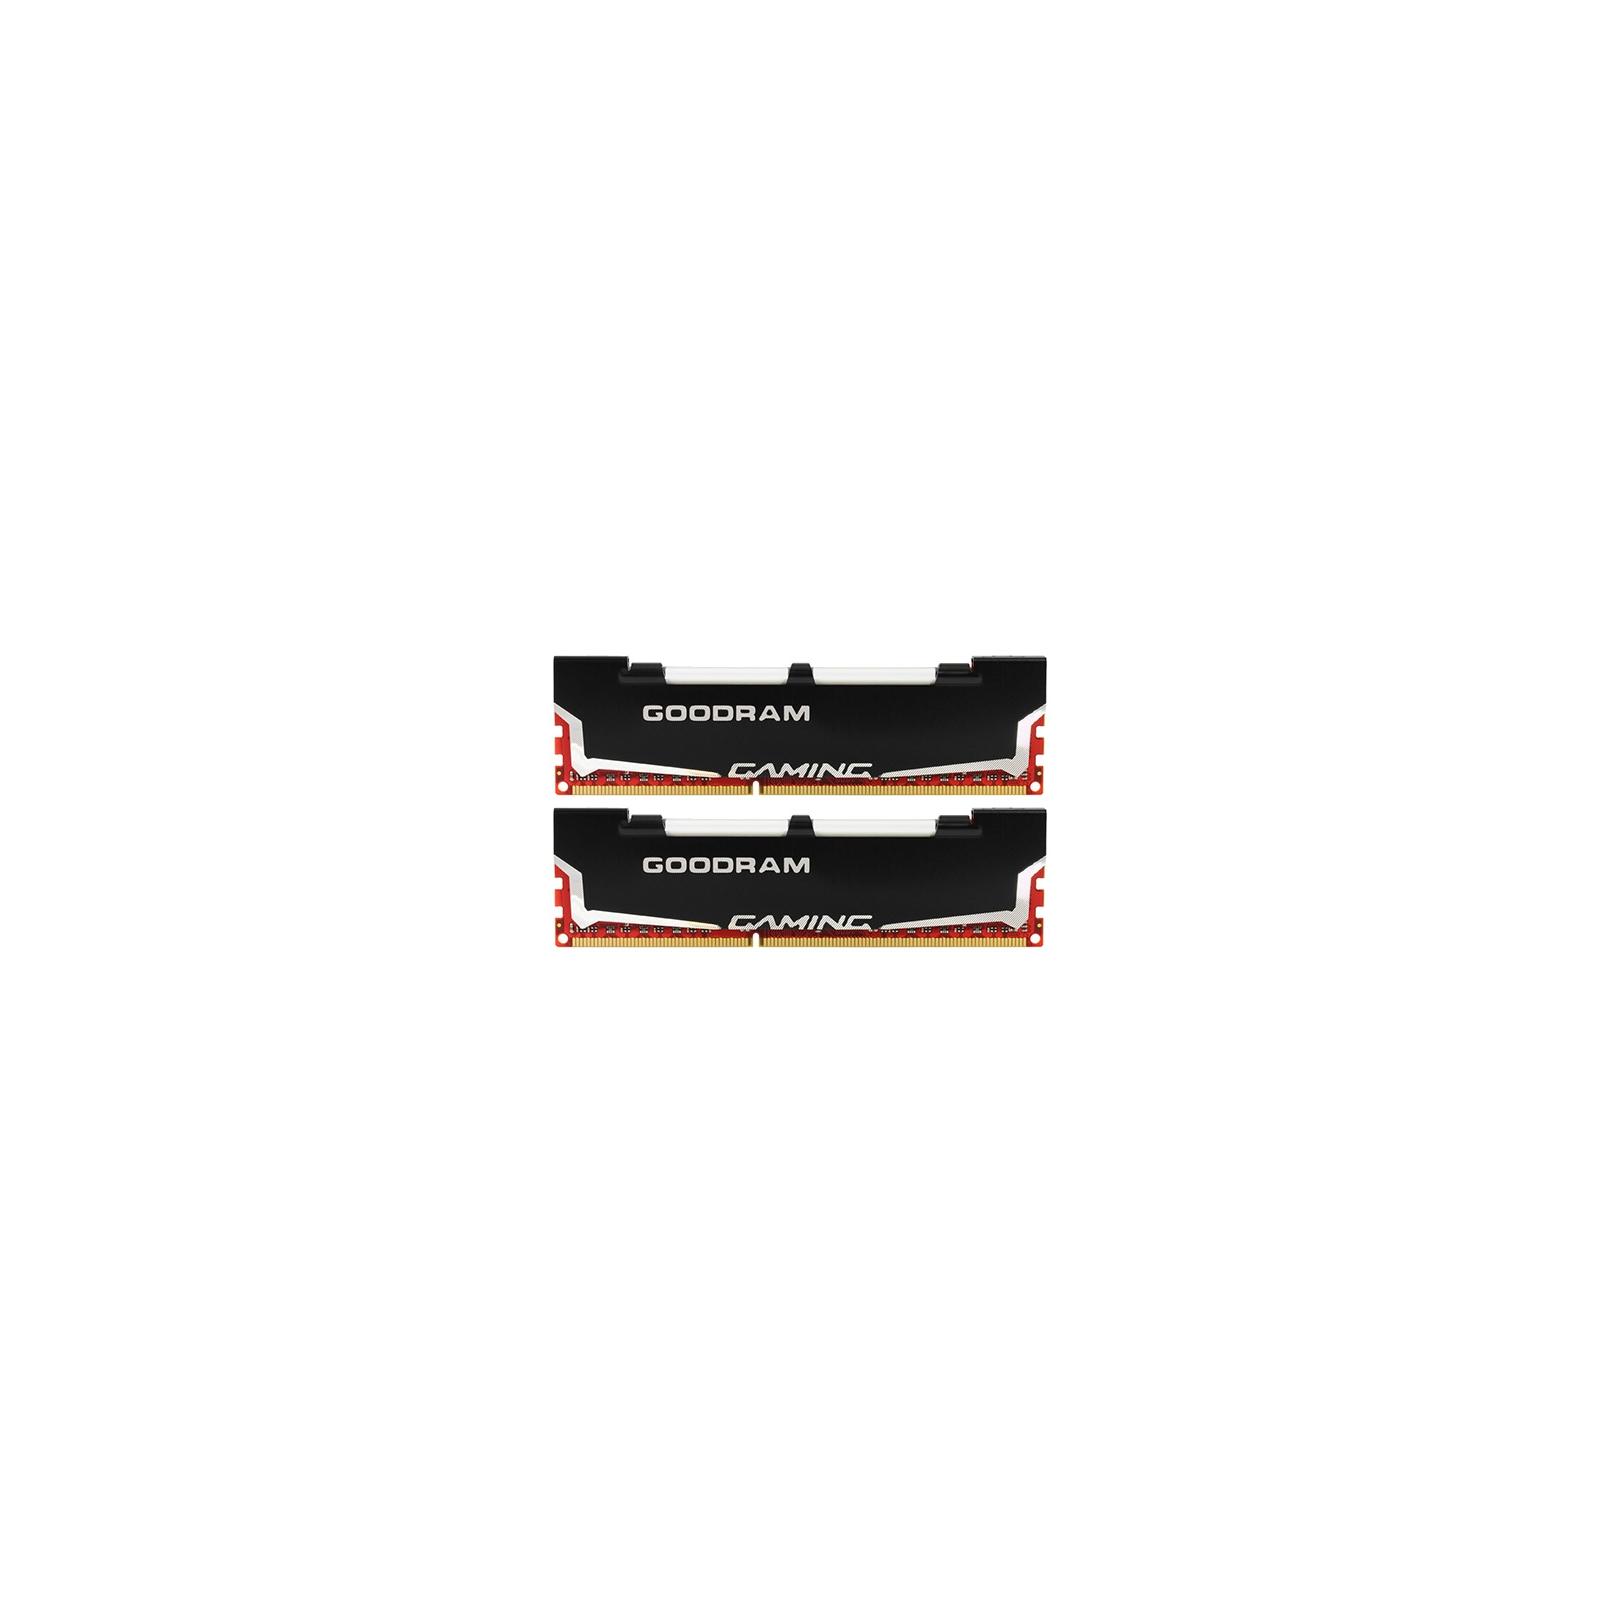 Модуль памяти для компьютера DDR3 8Gb (2x4GB) 2400 MHz Led Gaming GOODRAM (GL2400D364L11/8GDC)